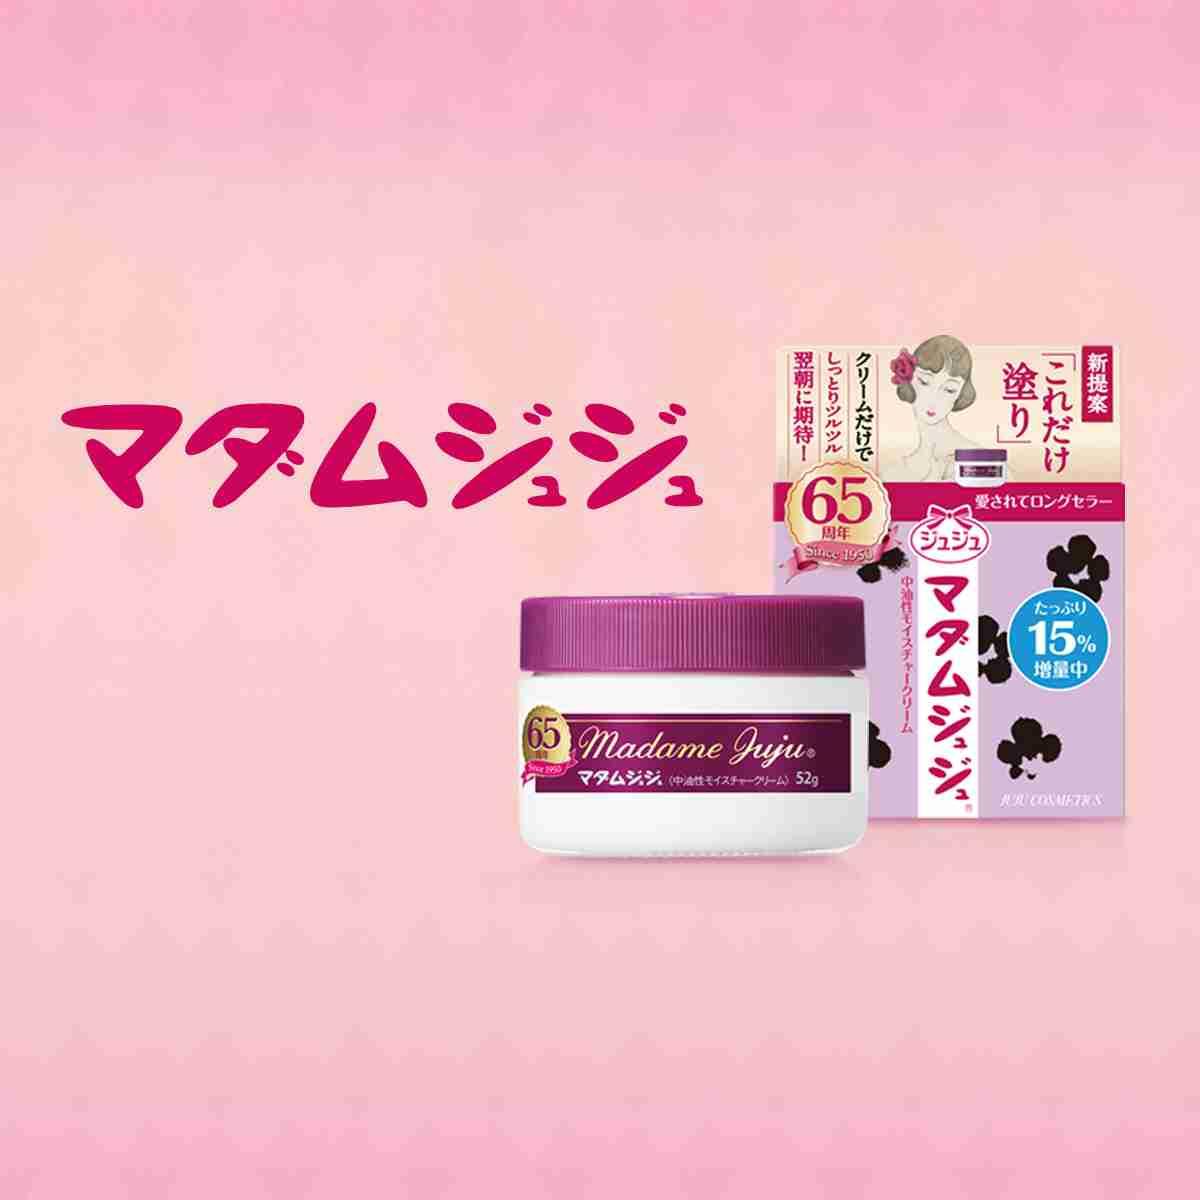 マダムジュジュ|商品情報|ジュジュ化粧品株式会社